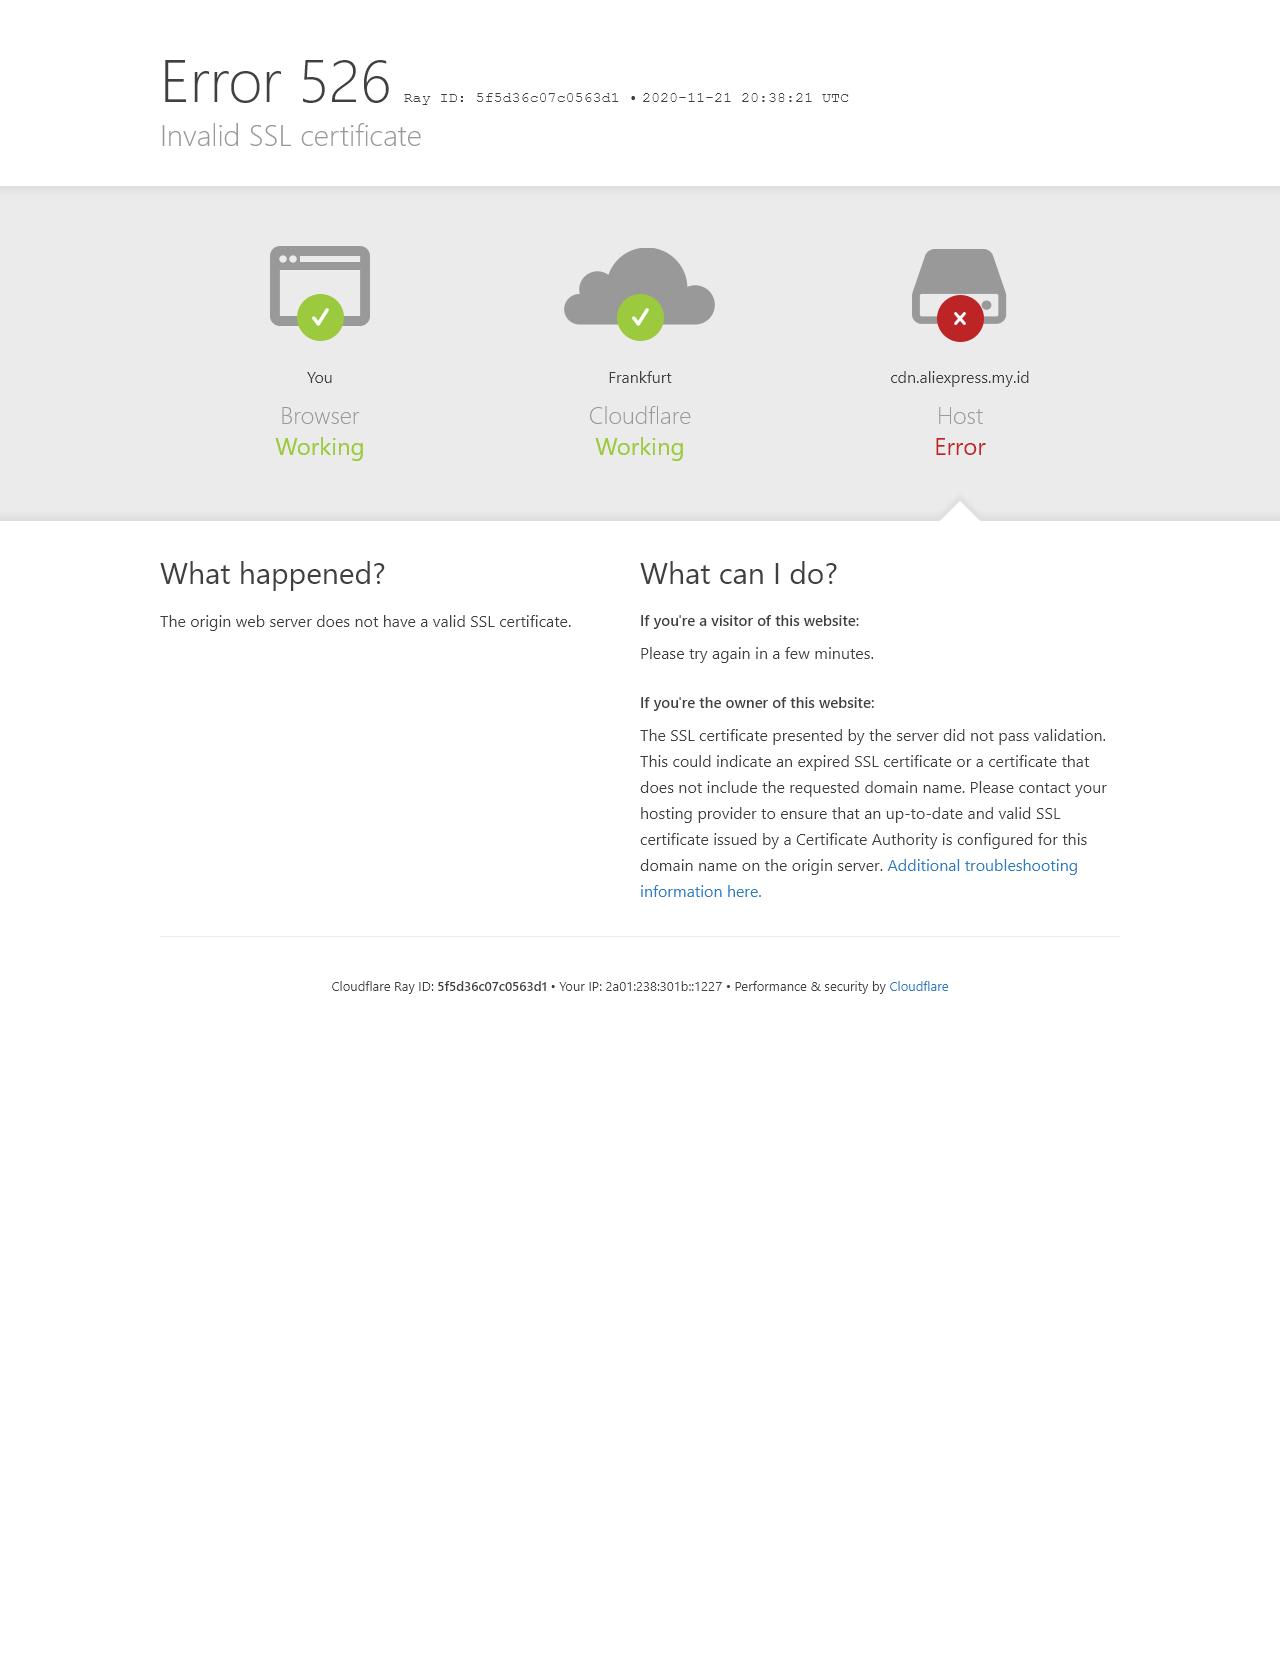 Screenshot Desktop - https://cdn.aliexpress.my.id/